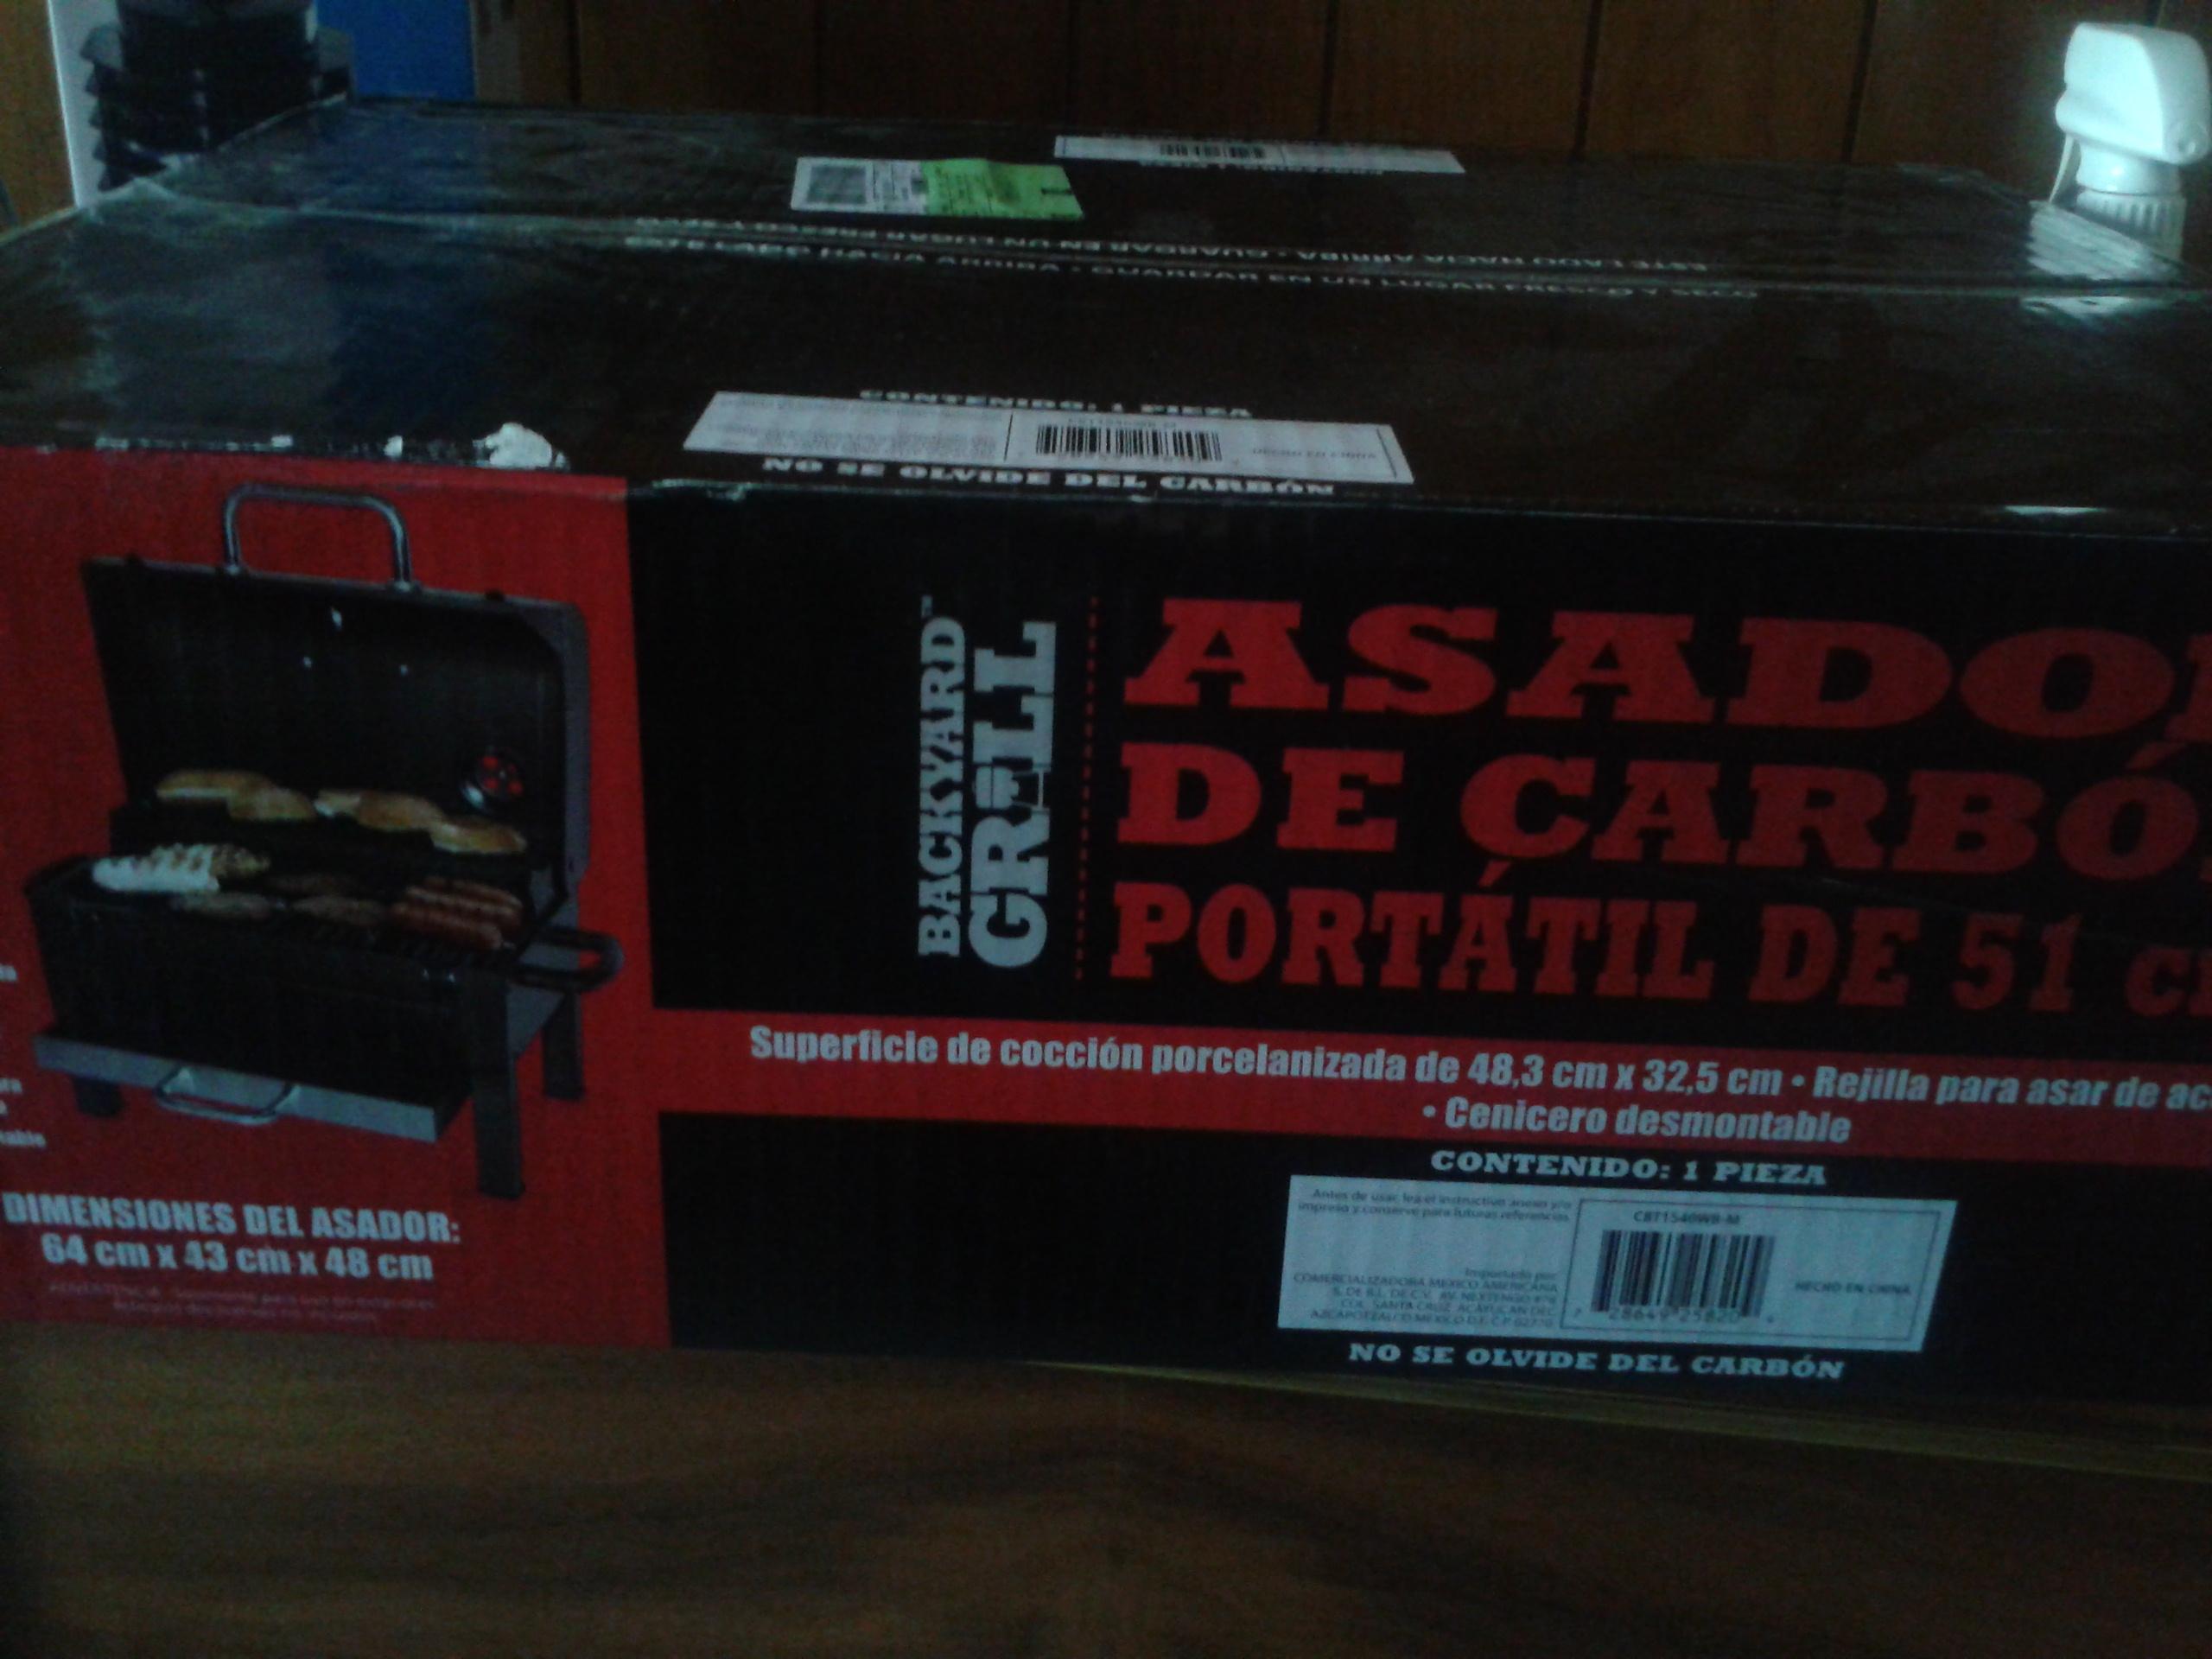 Walmart: Asador portatil a $193.01